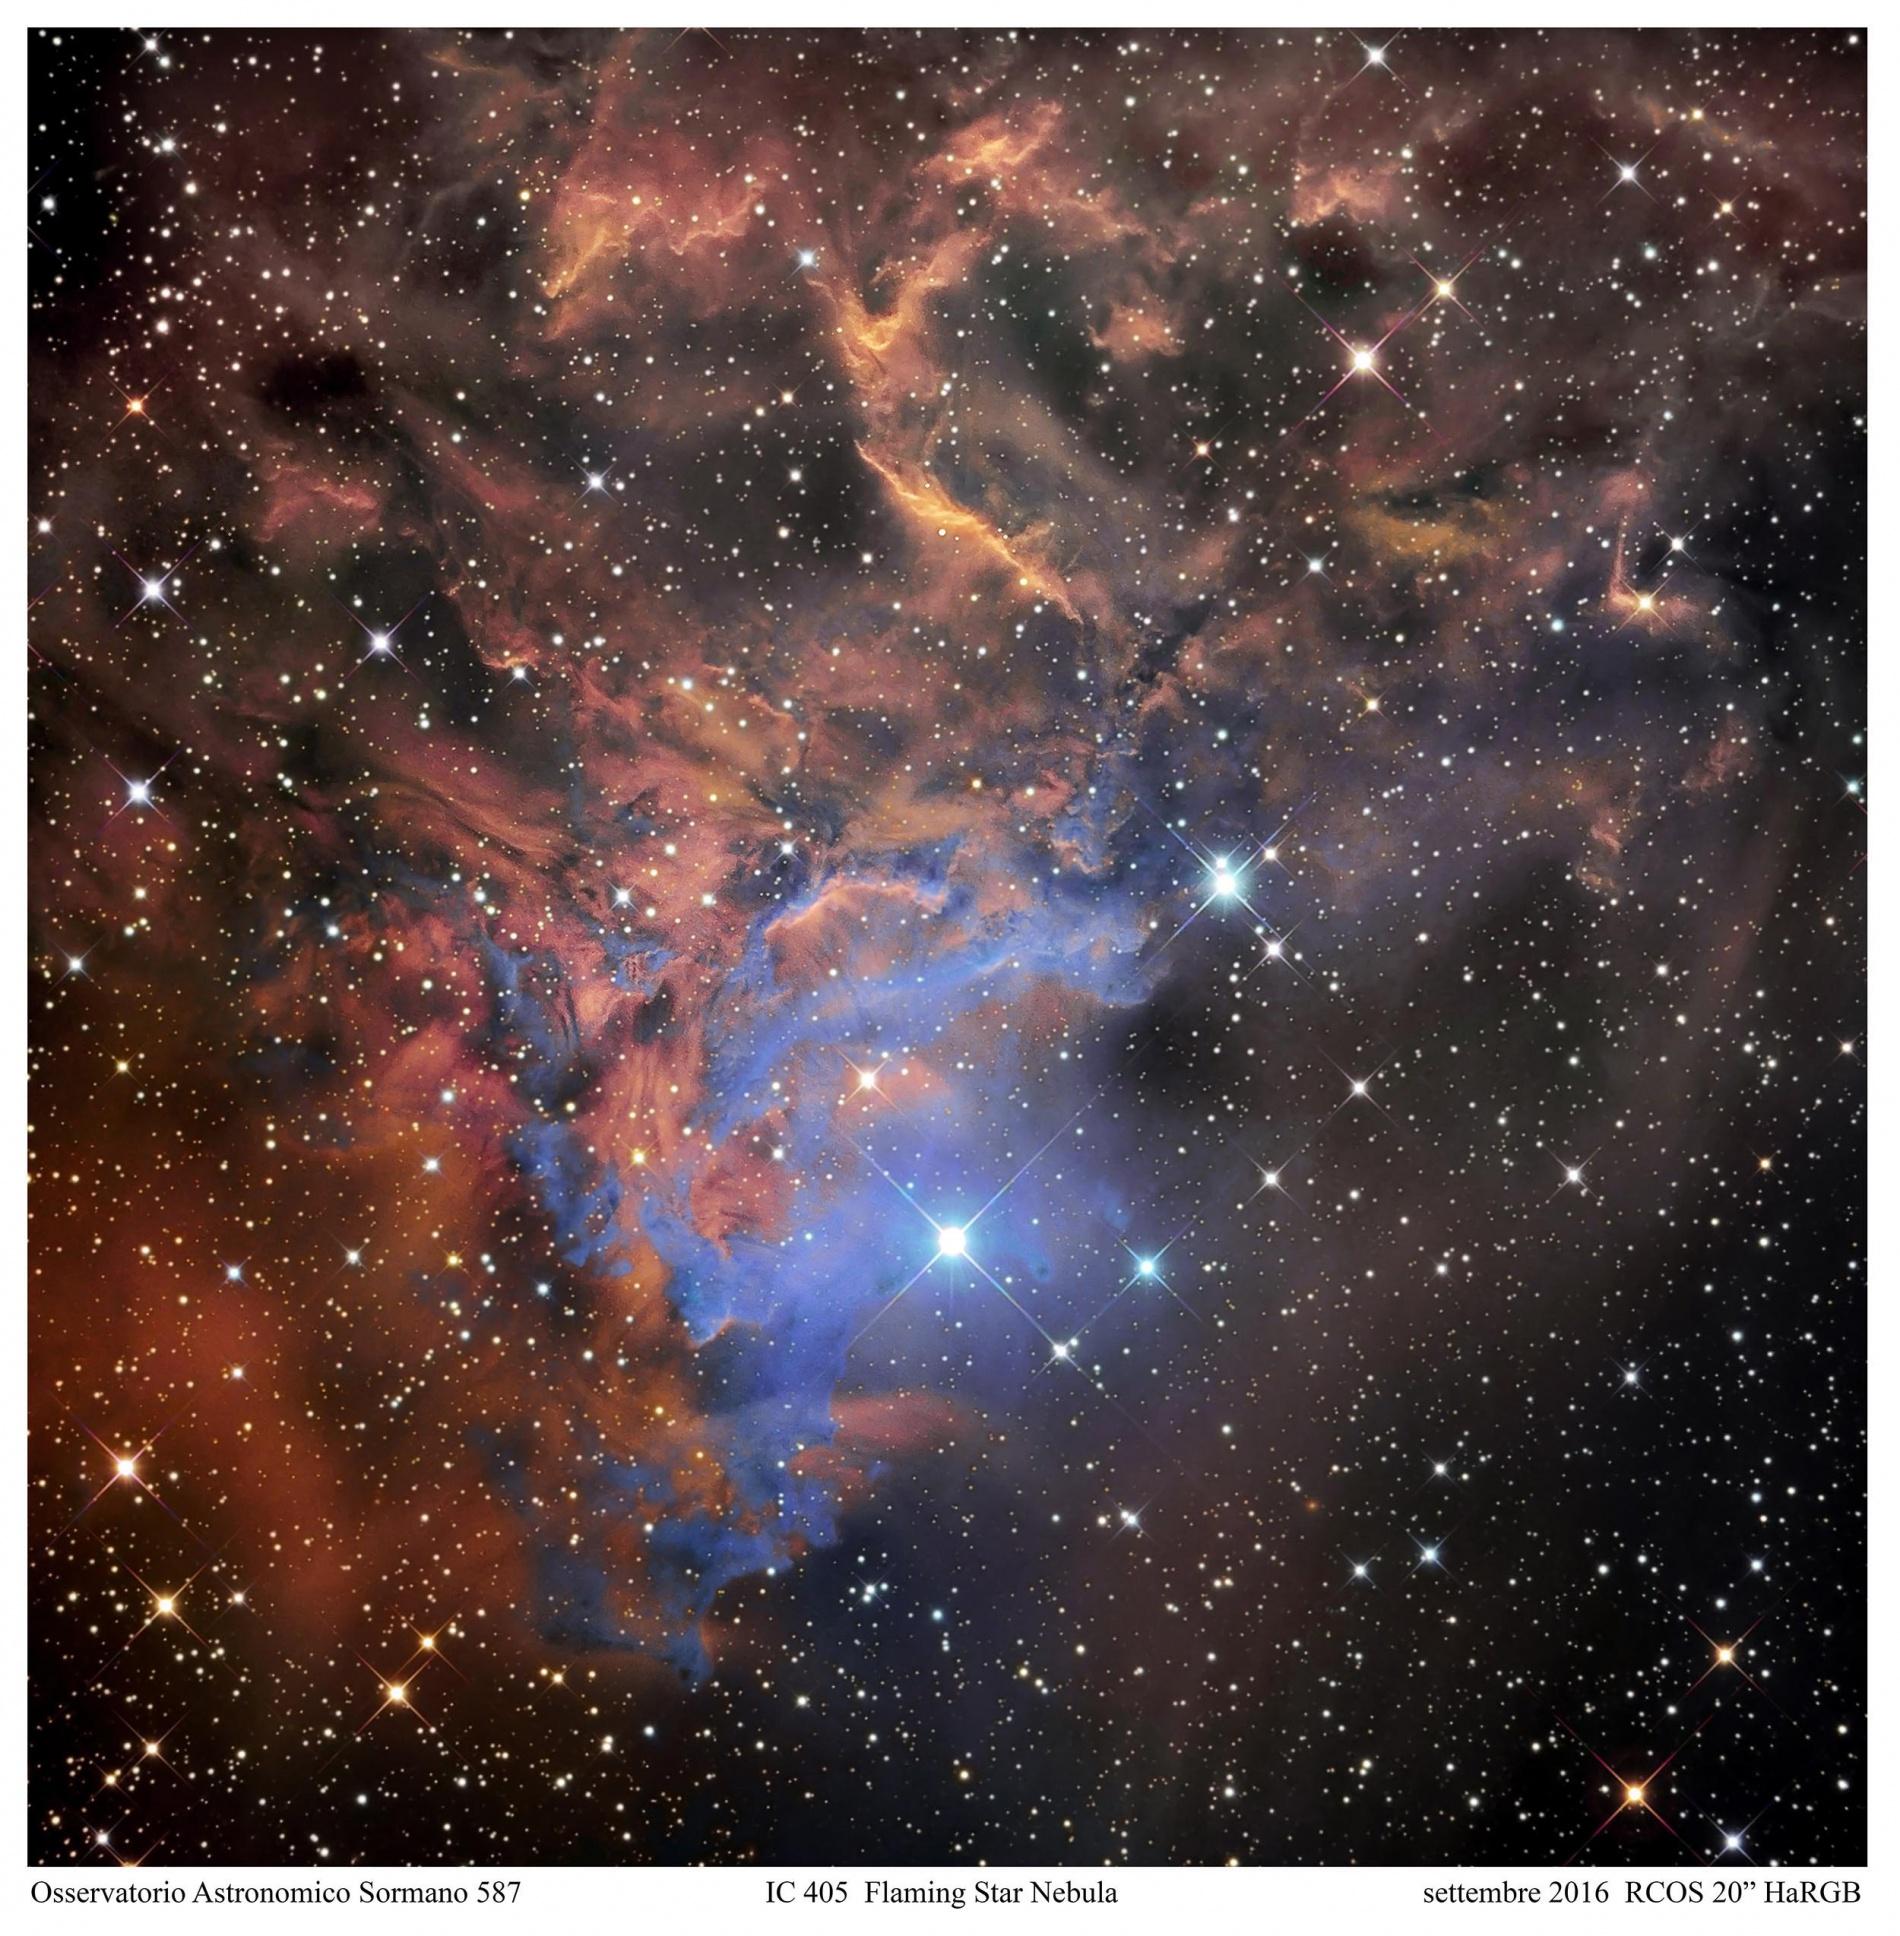 La stella fuggitiva di una nebulosa fiammeggiante